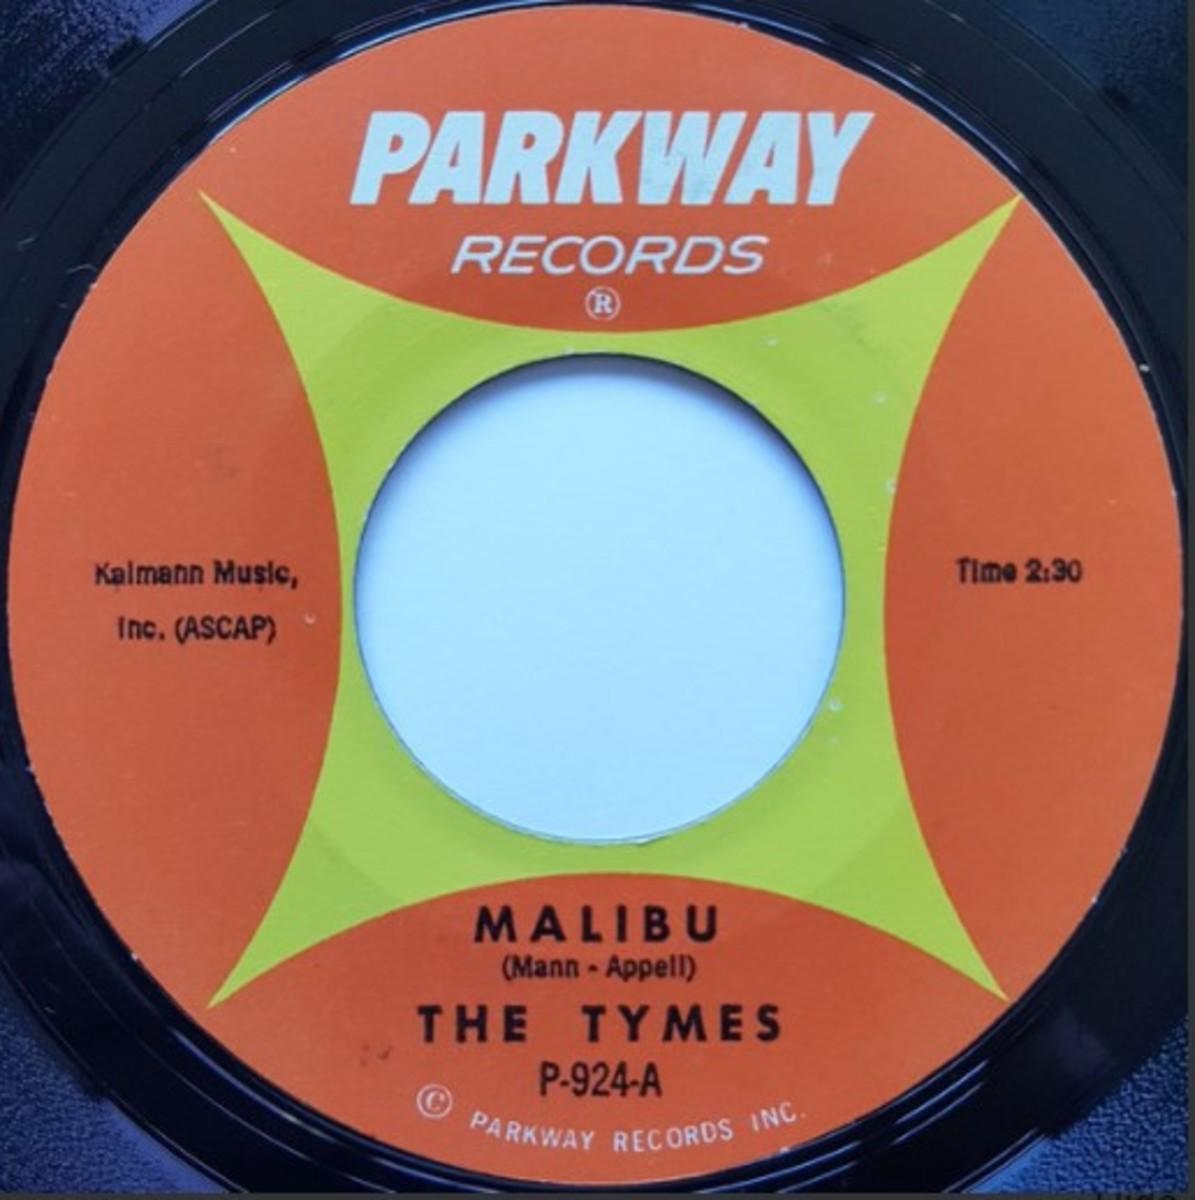 The Tymes Malibu